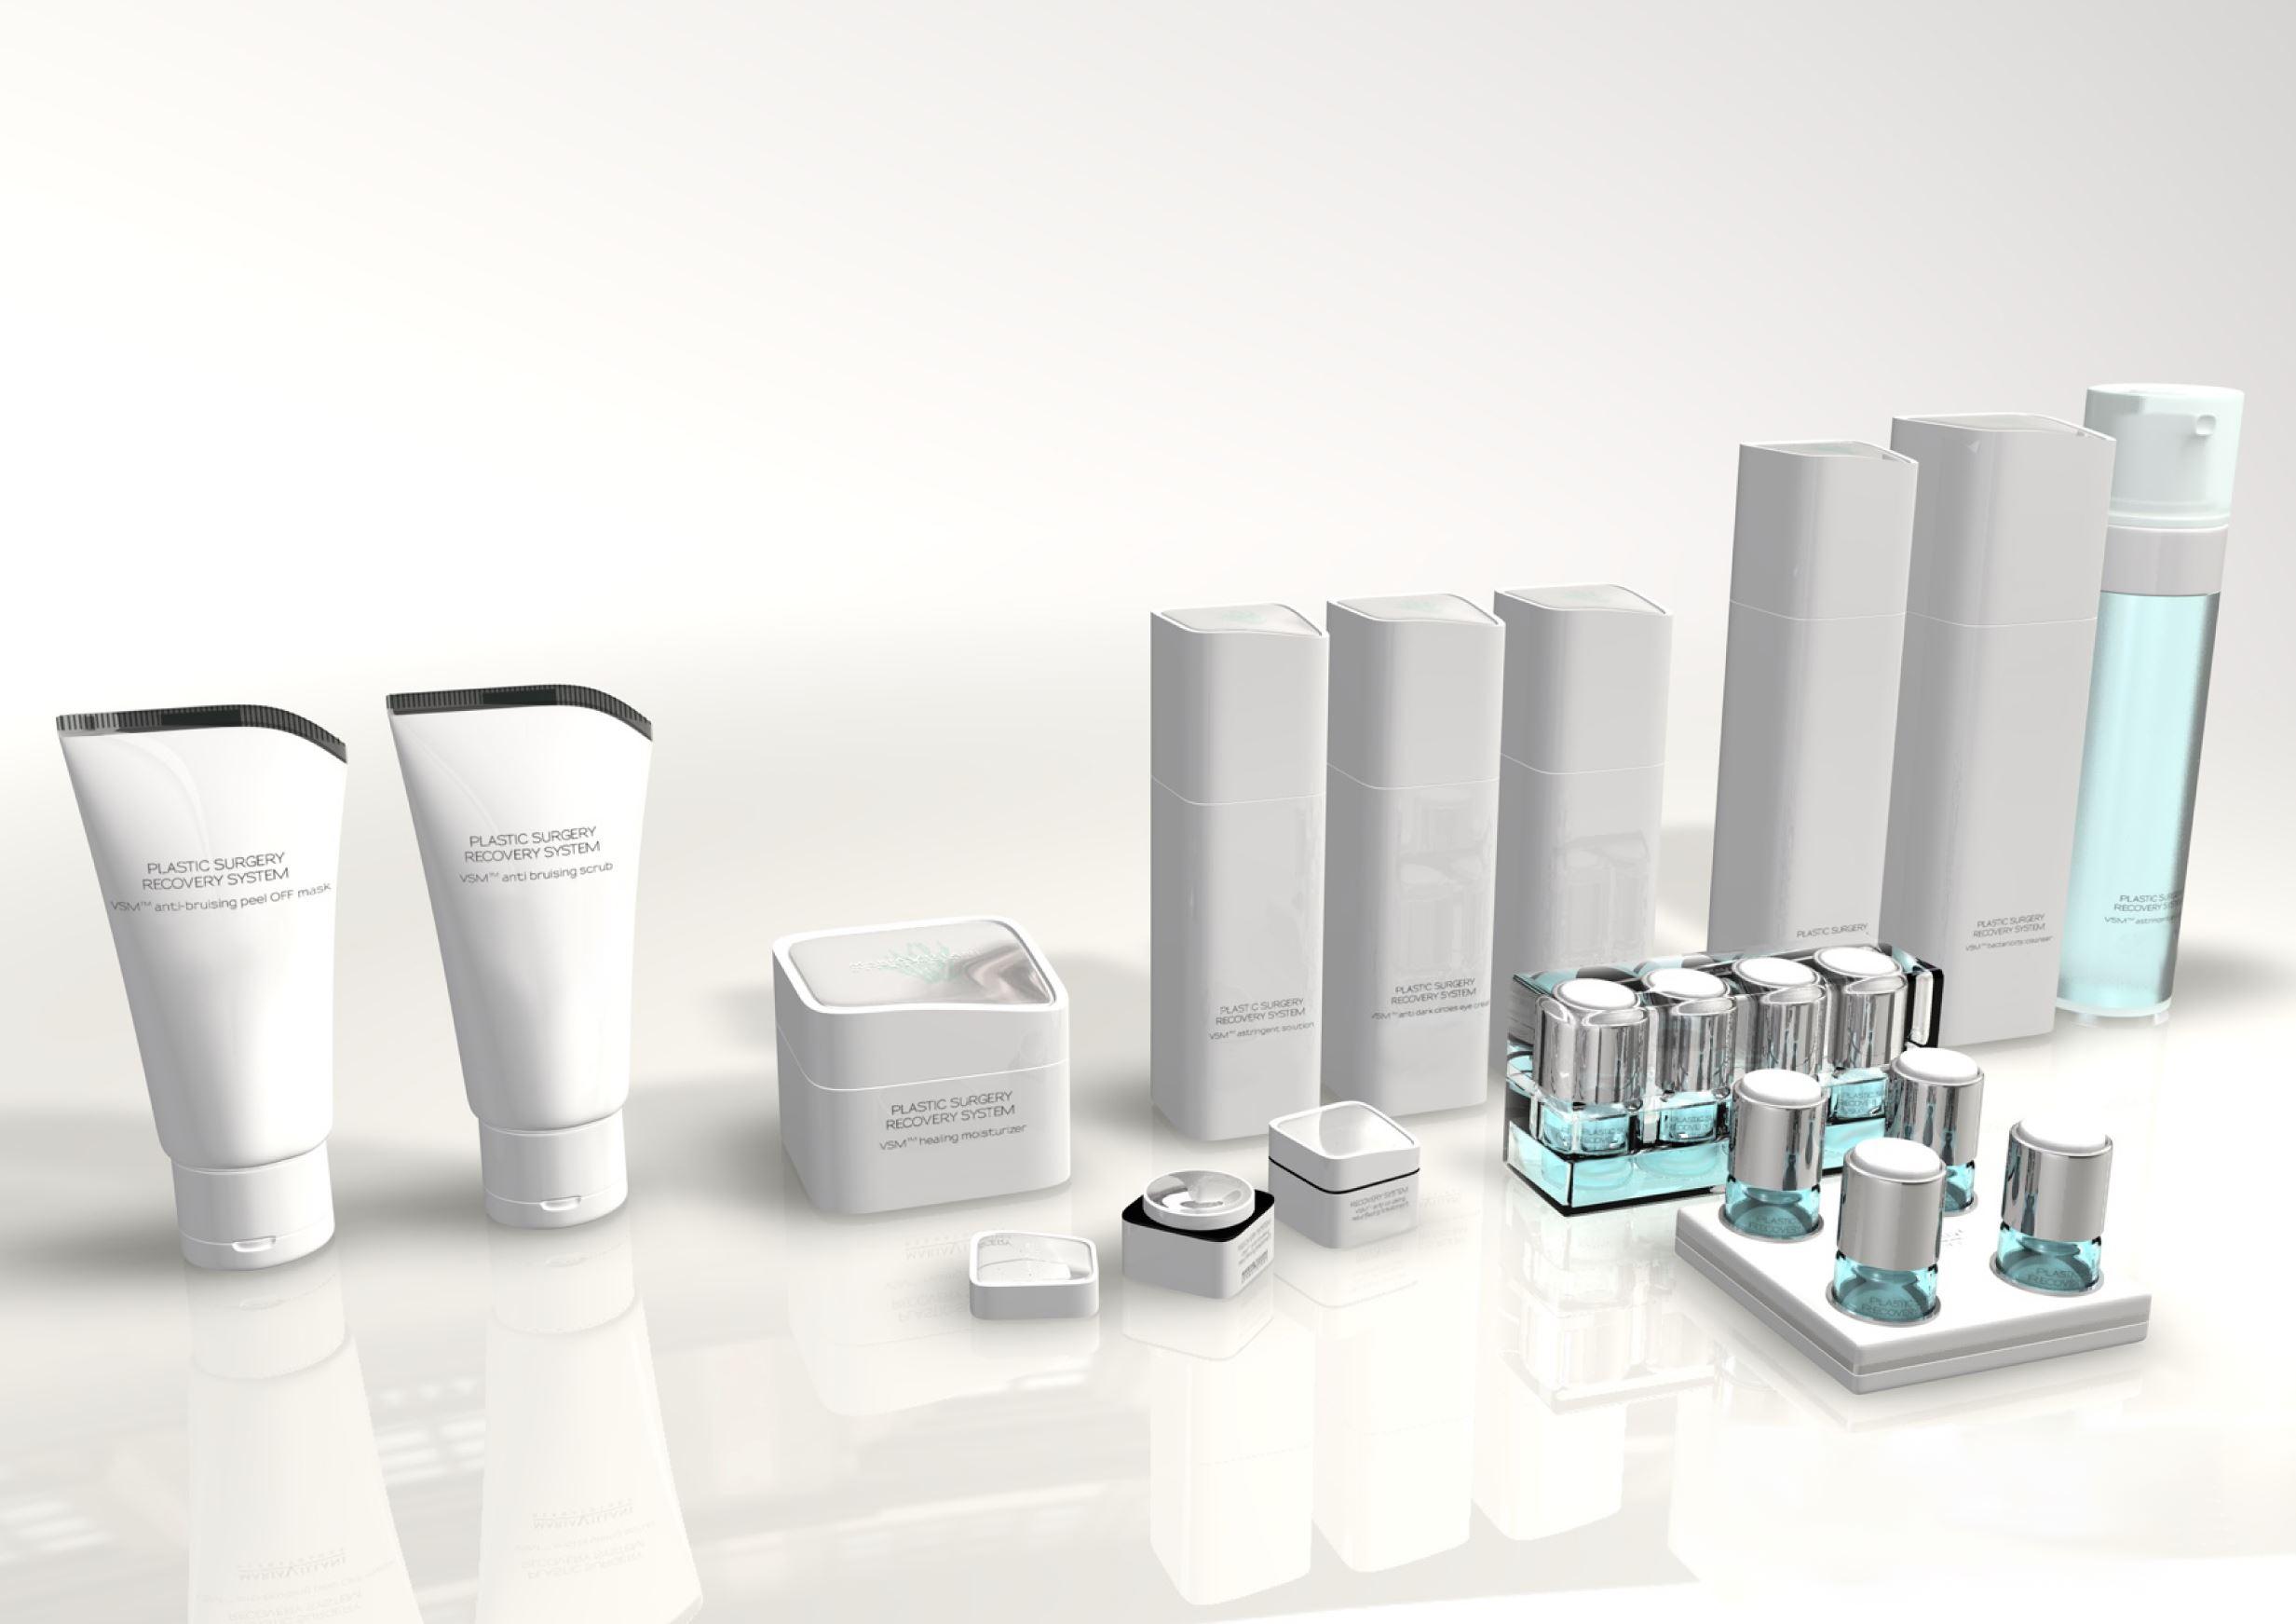 Villani Professional Skincare™ - in development